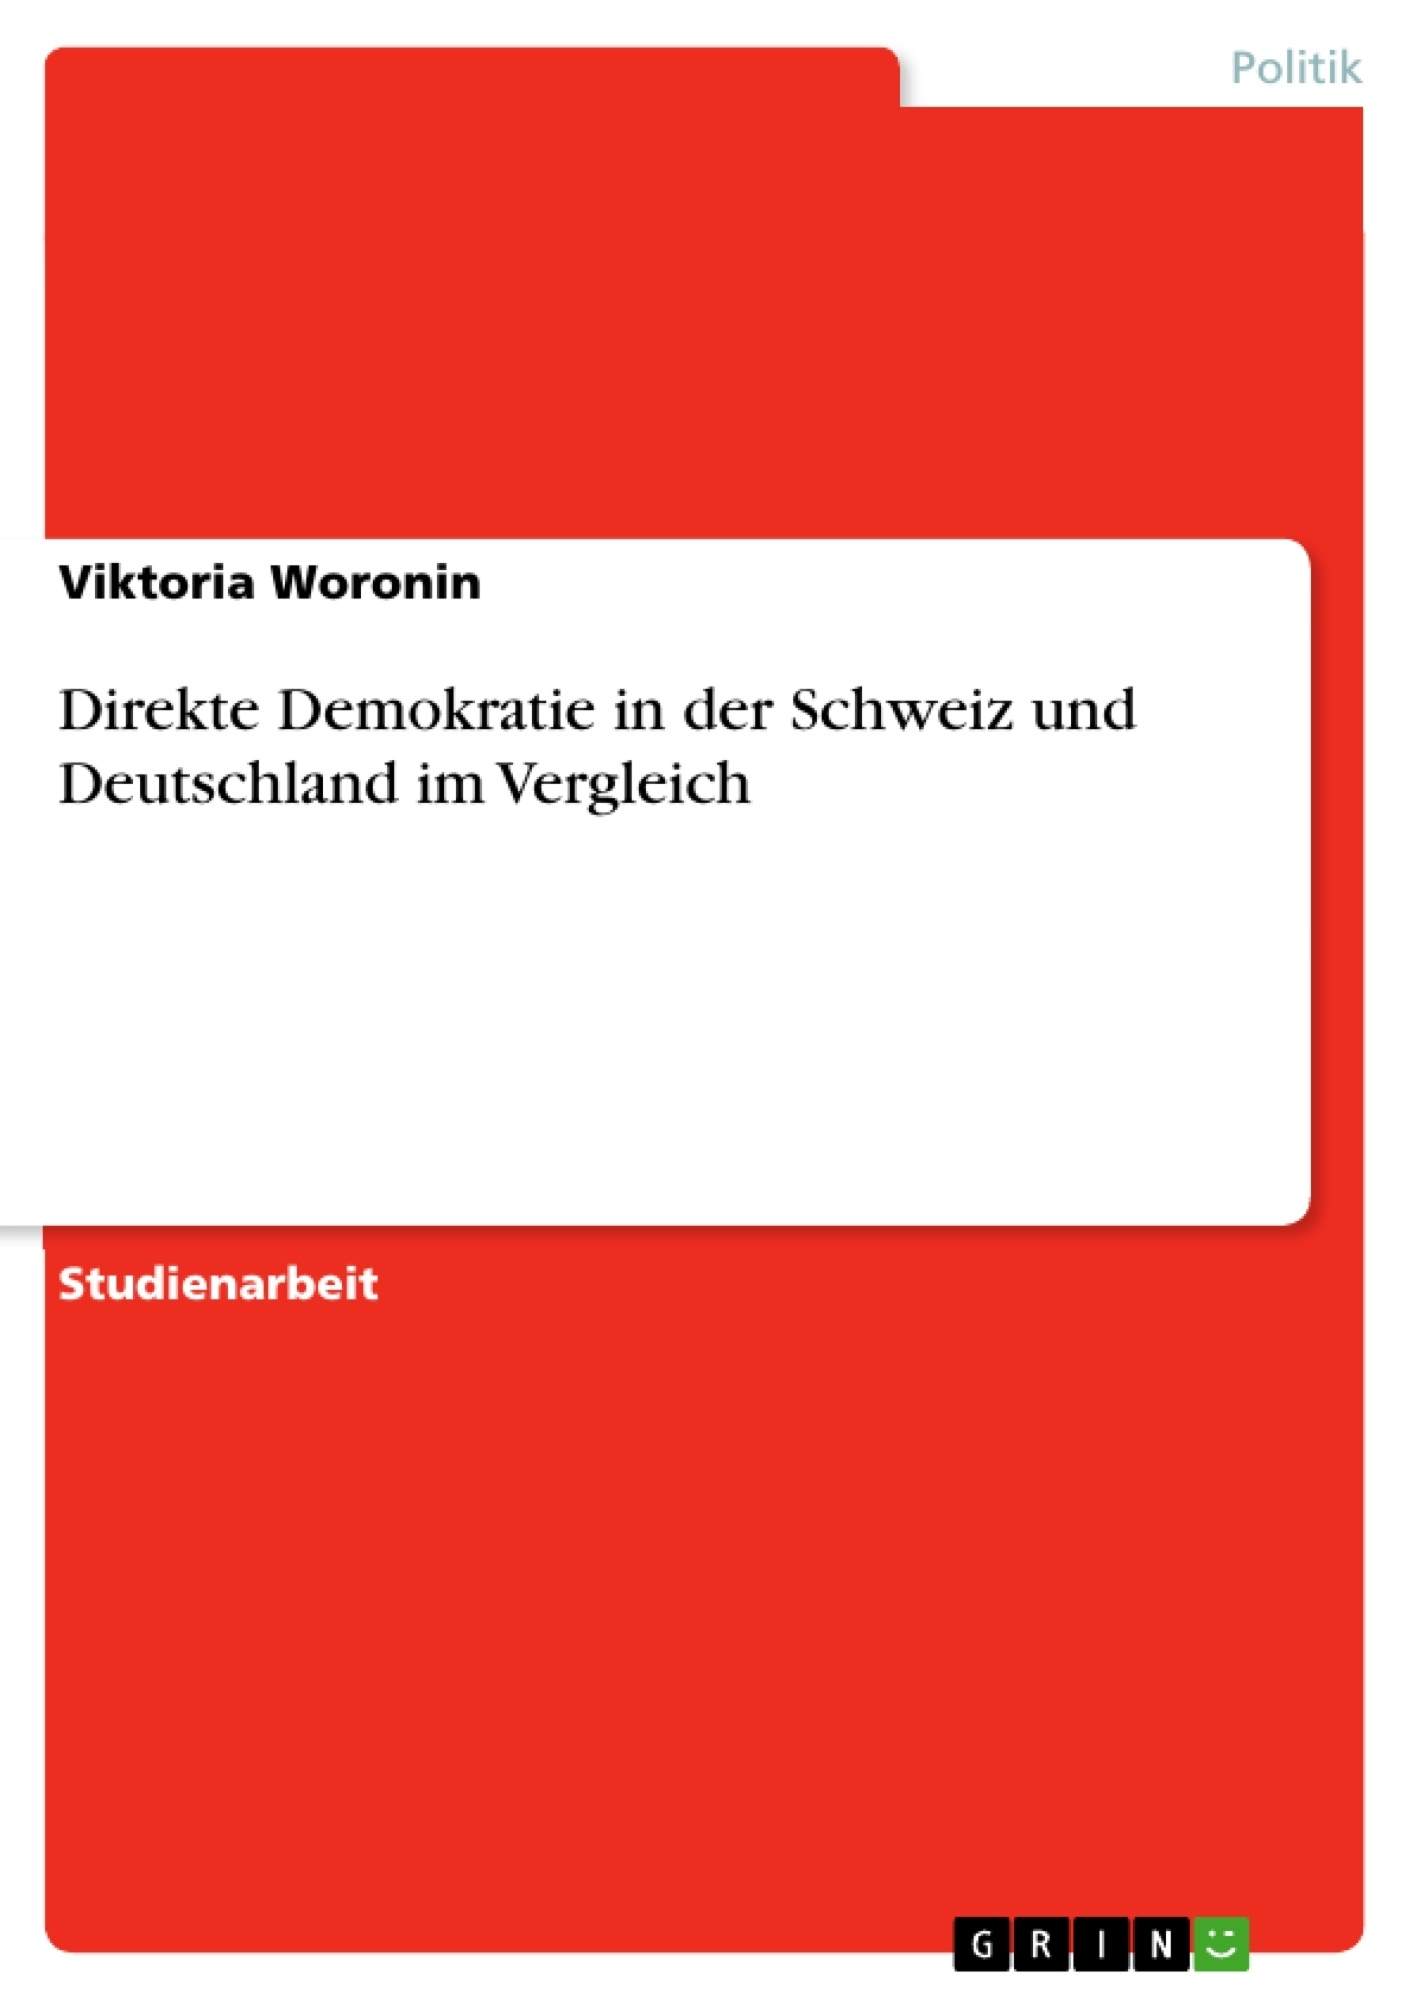 Titel: Direkte Demokratie in der Schweiz und Deutschland im Vergleich